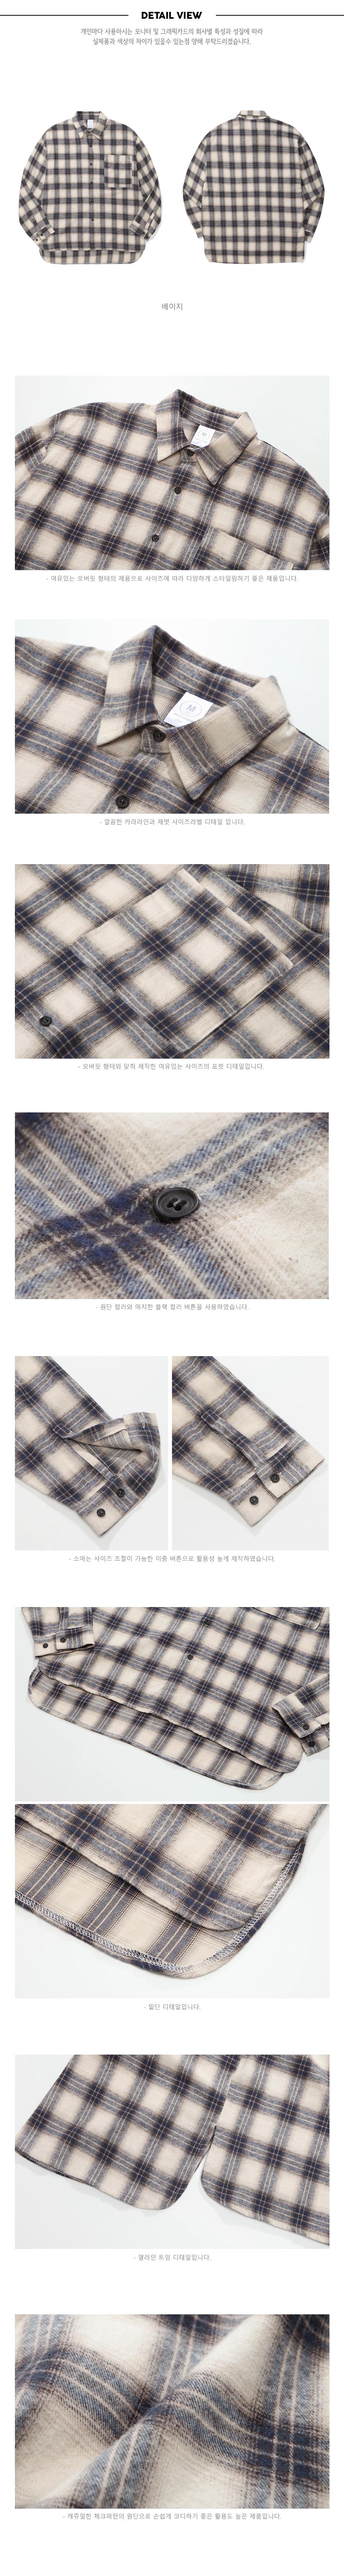 [제멋] 에프유 체크 셔츠 YHLS2251